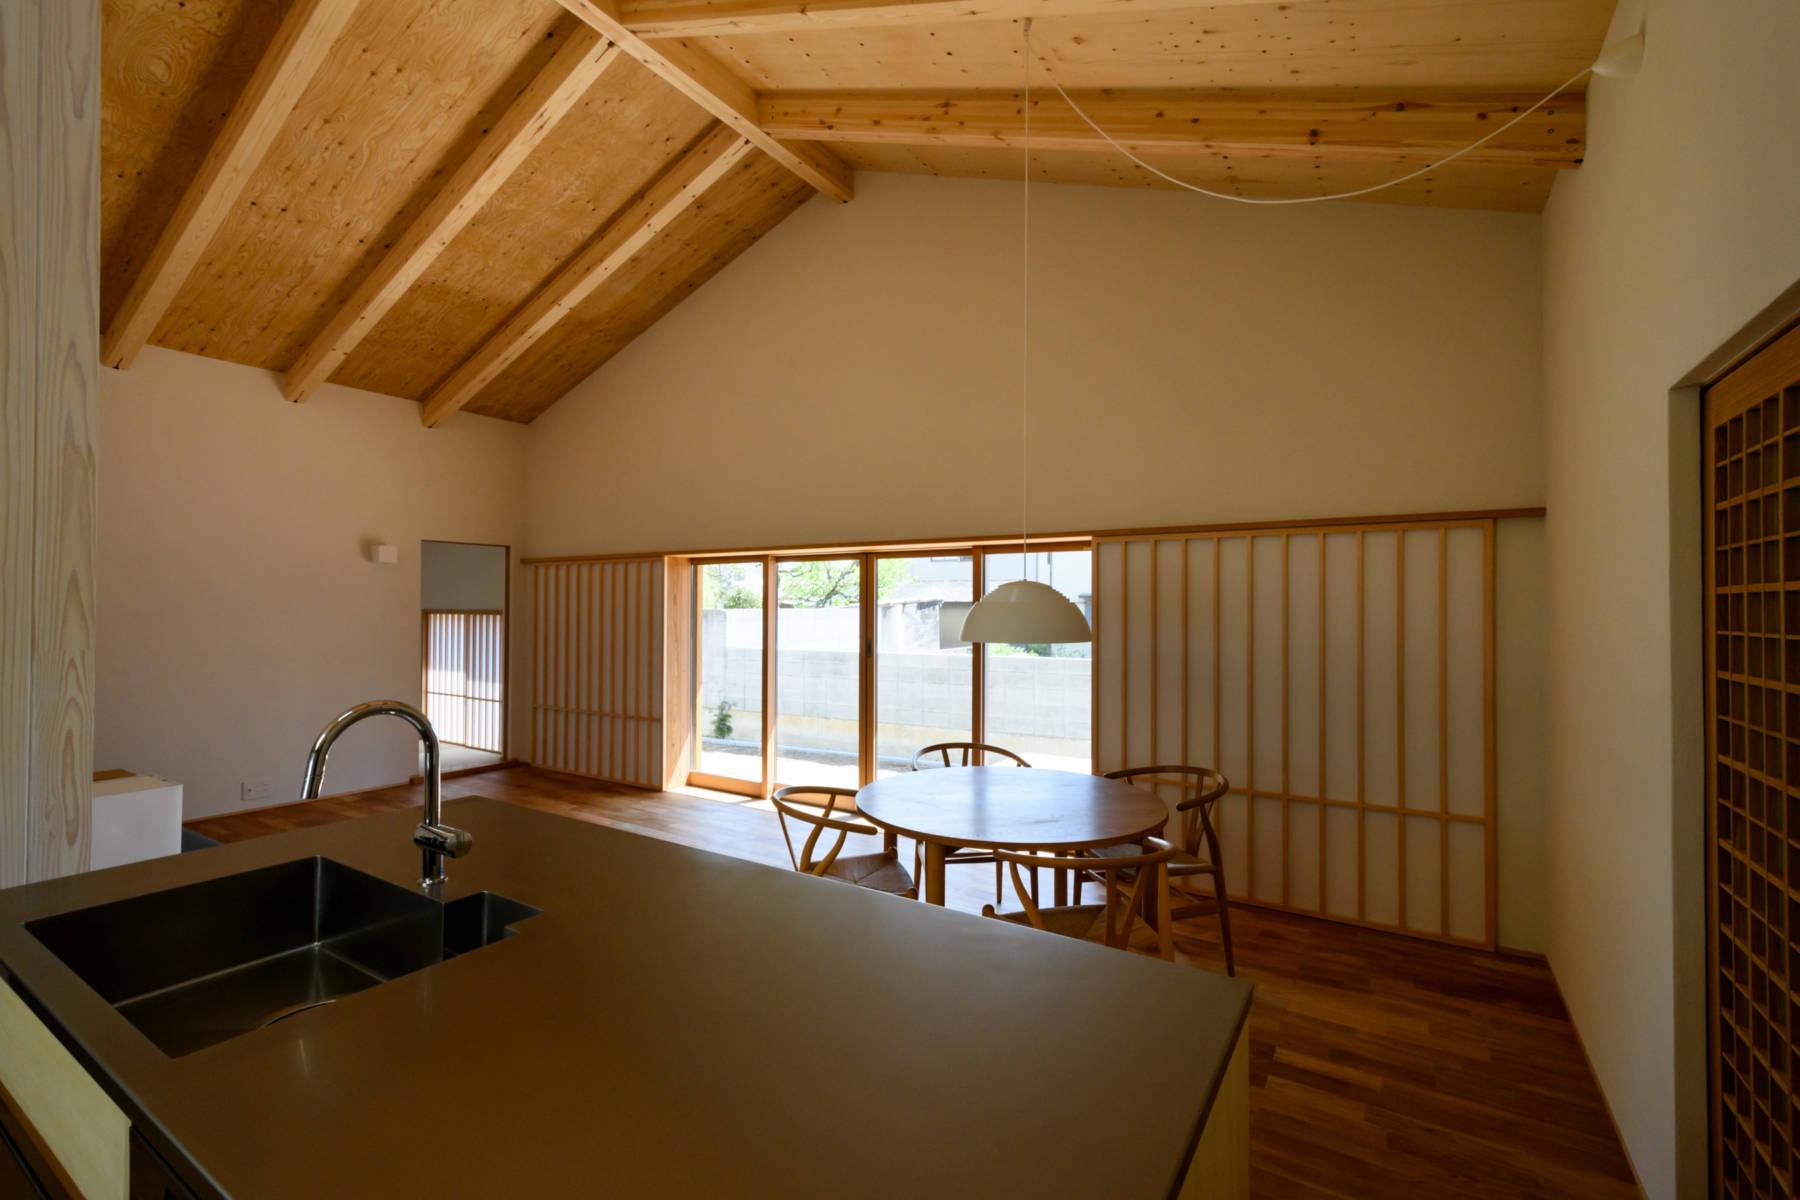 邑久の家 二人暮らしの平屋